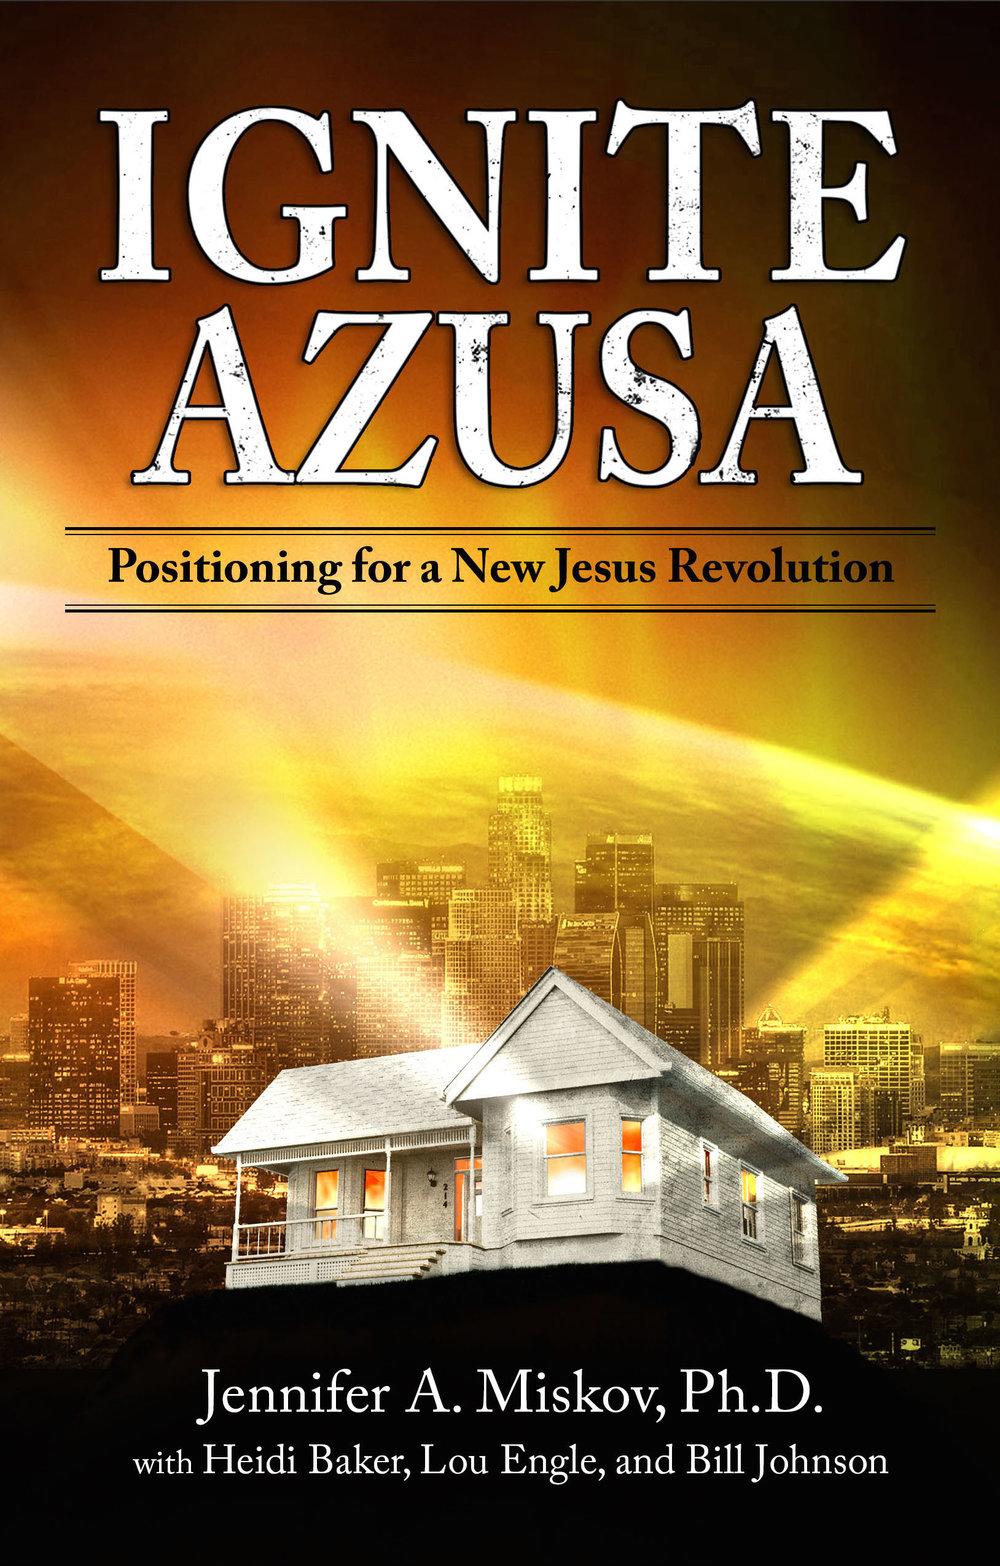 Ignite Azusa-Full Cover-5.7.1.jpg